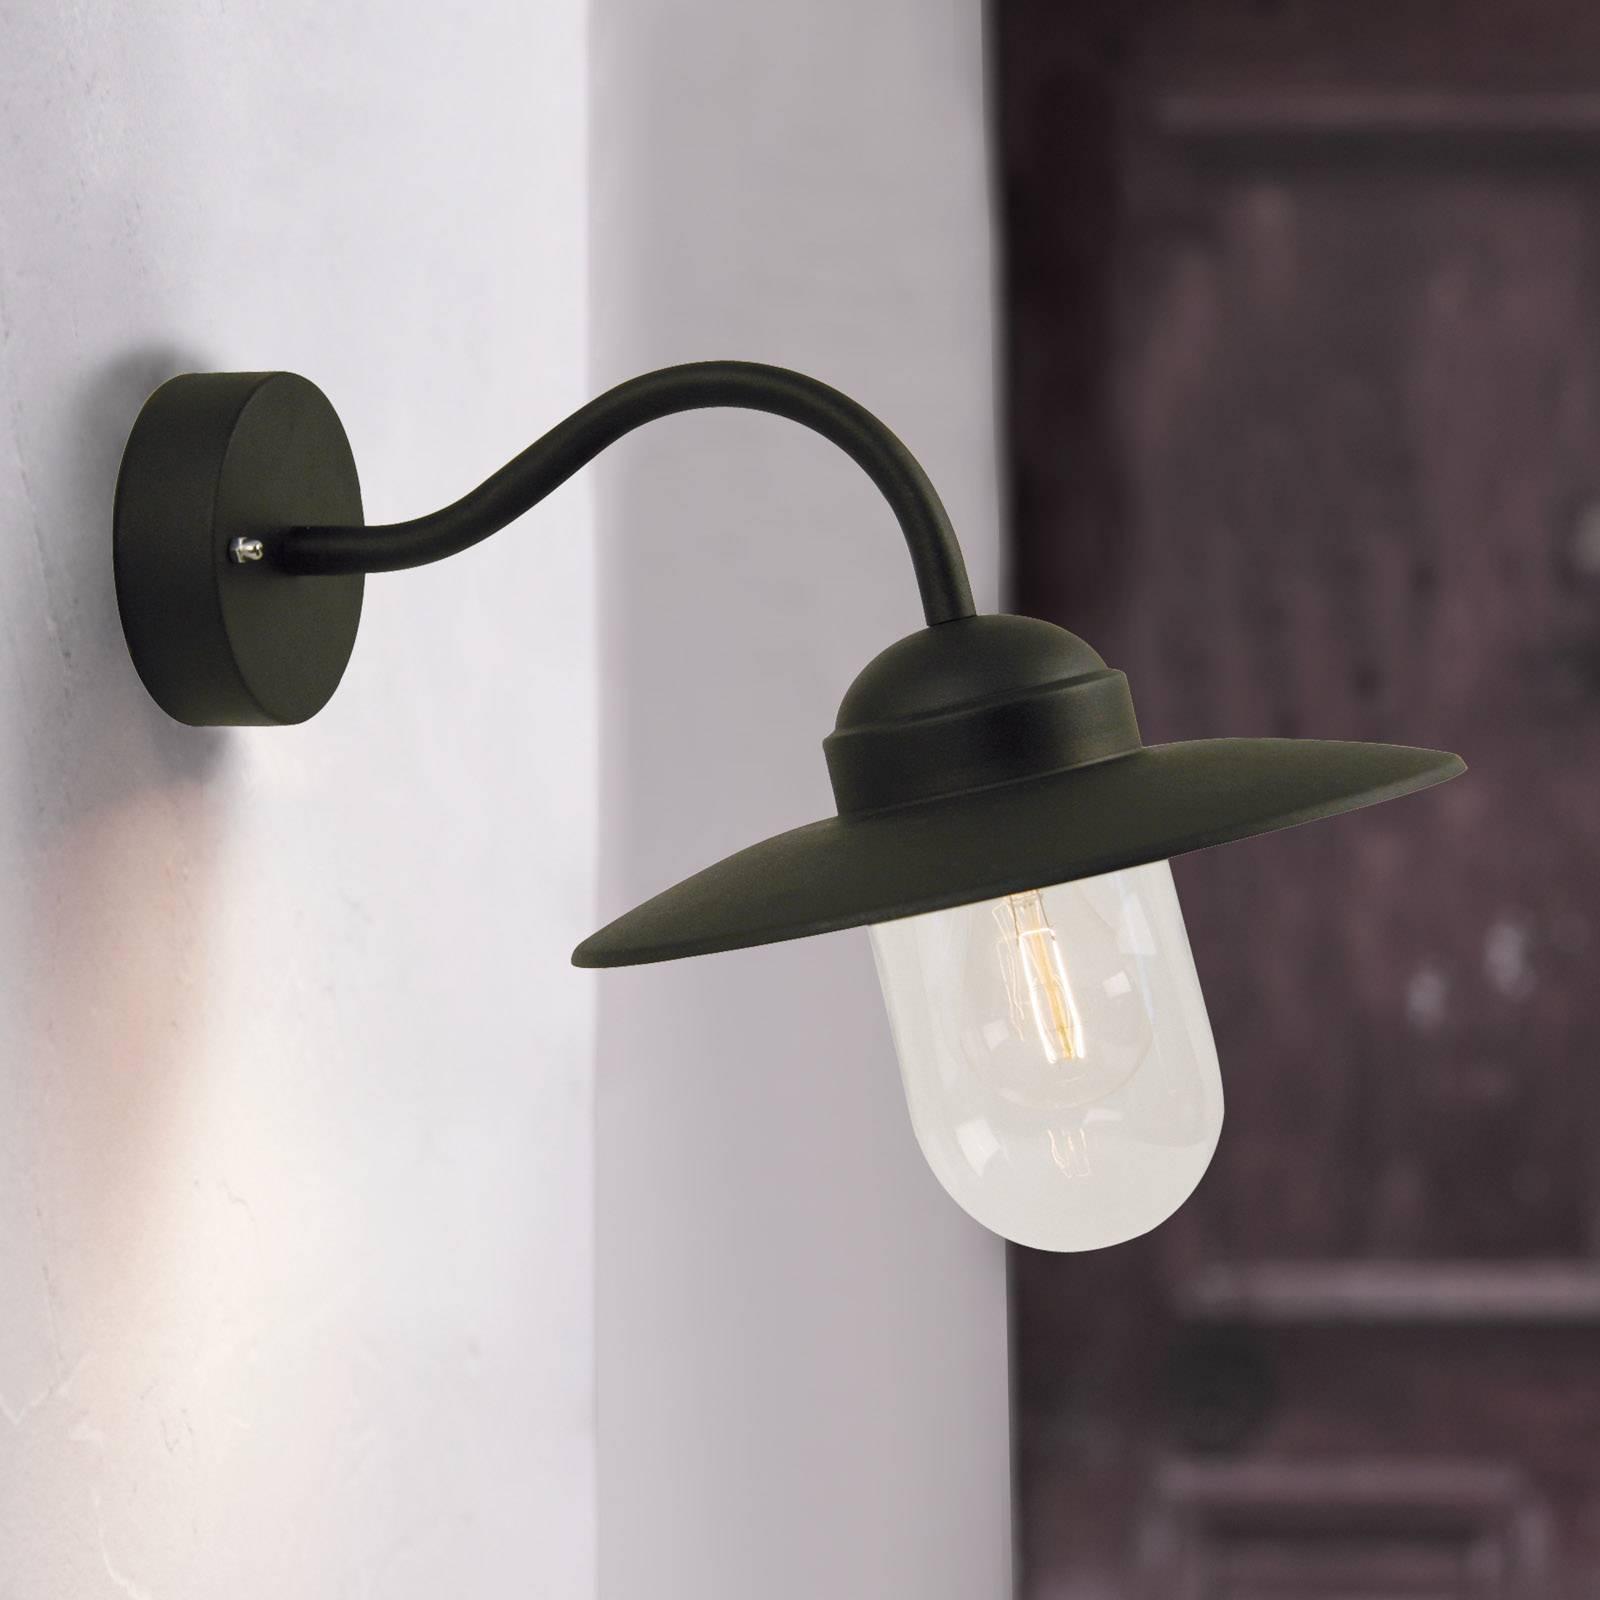 Billede af Sort LUXEMBOURG udendørs væglampe.